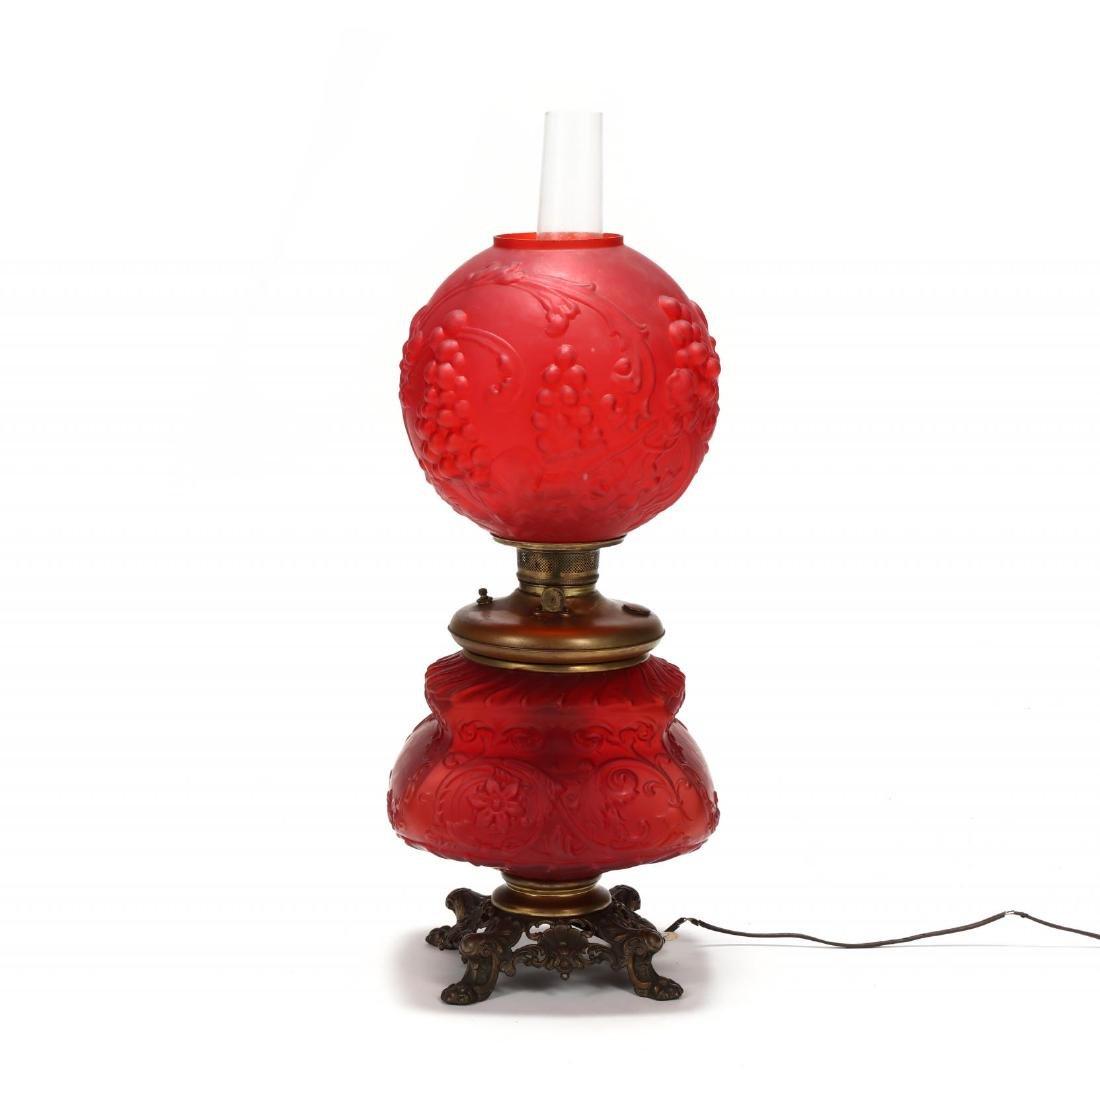 Antique American Oil Lamp